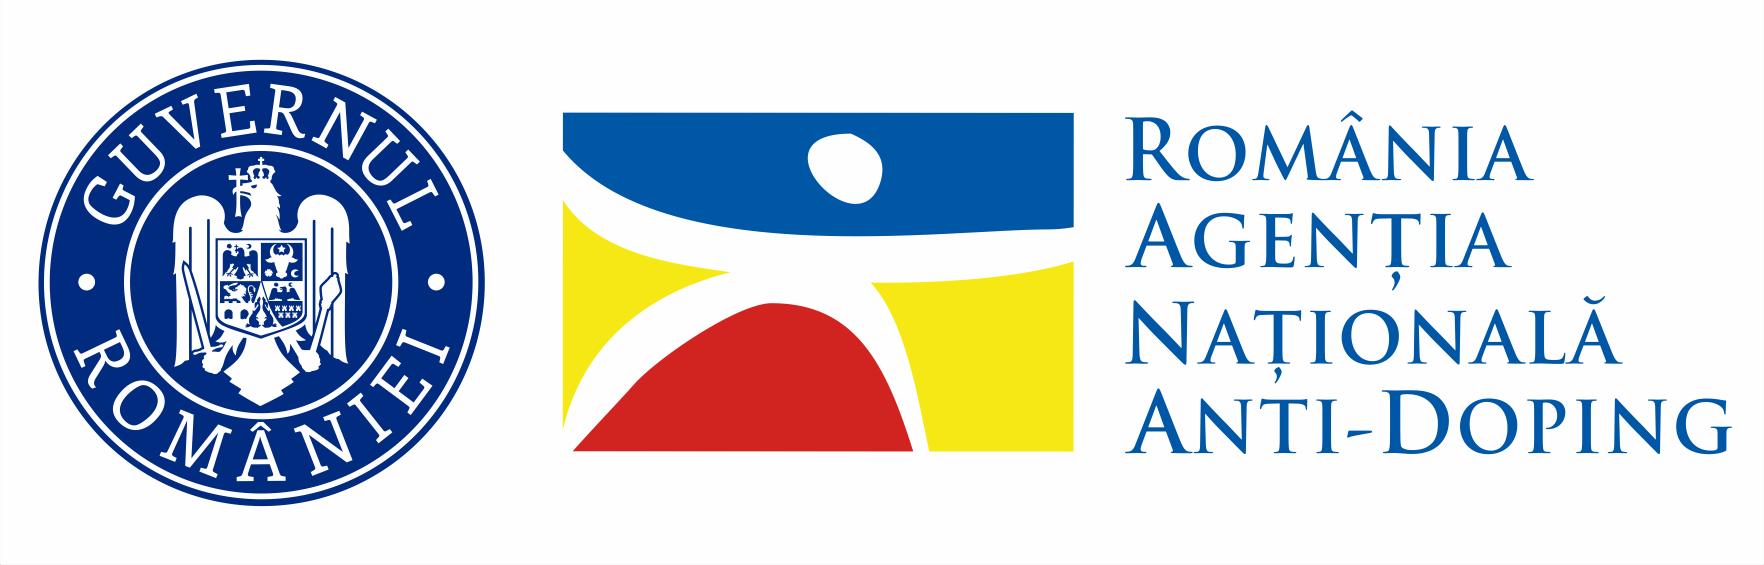 Agenţia Naţională Anti-Doping